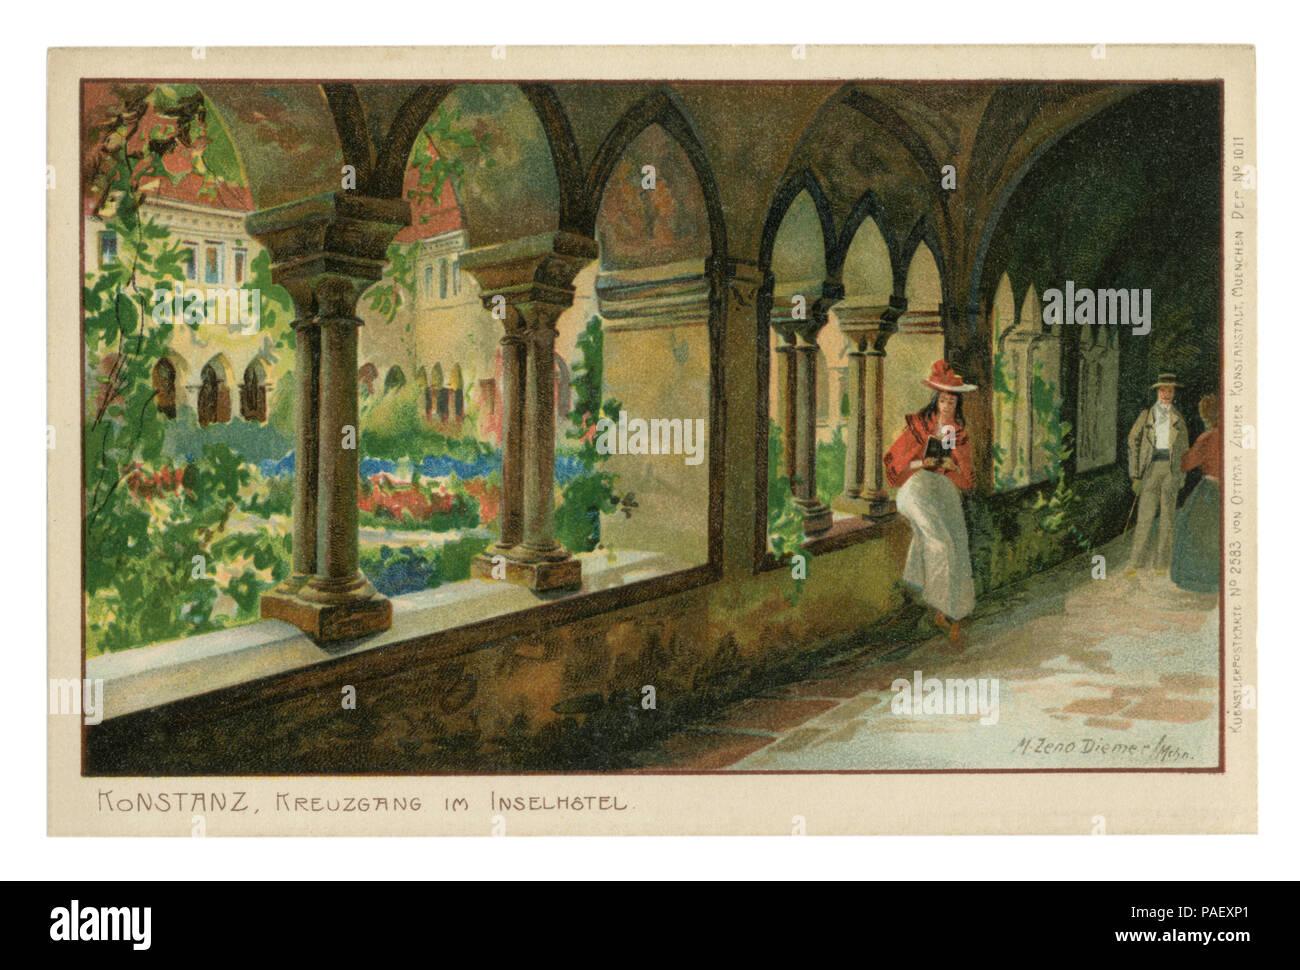 Ladies fashion historical stockfotos & ladies fashion historical